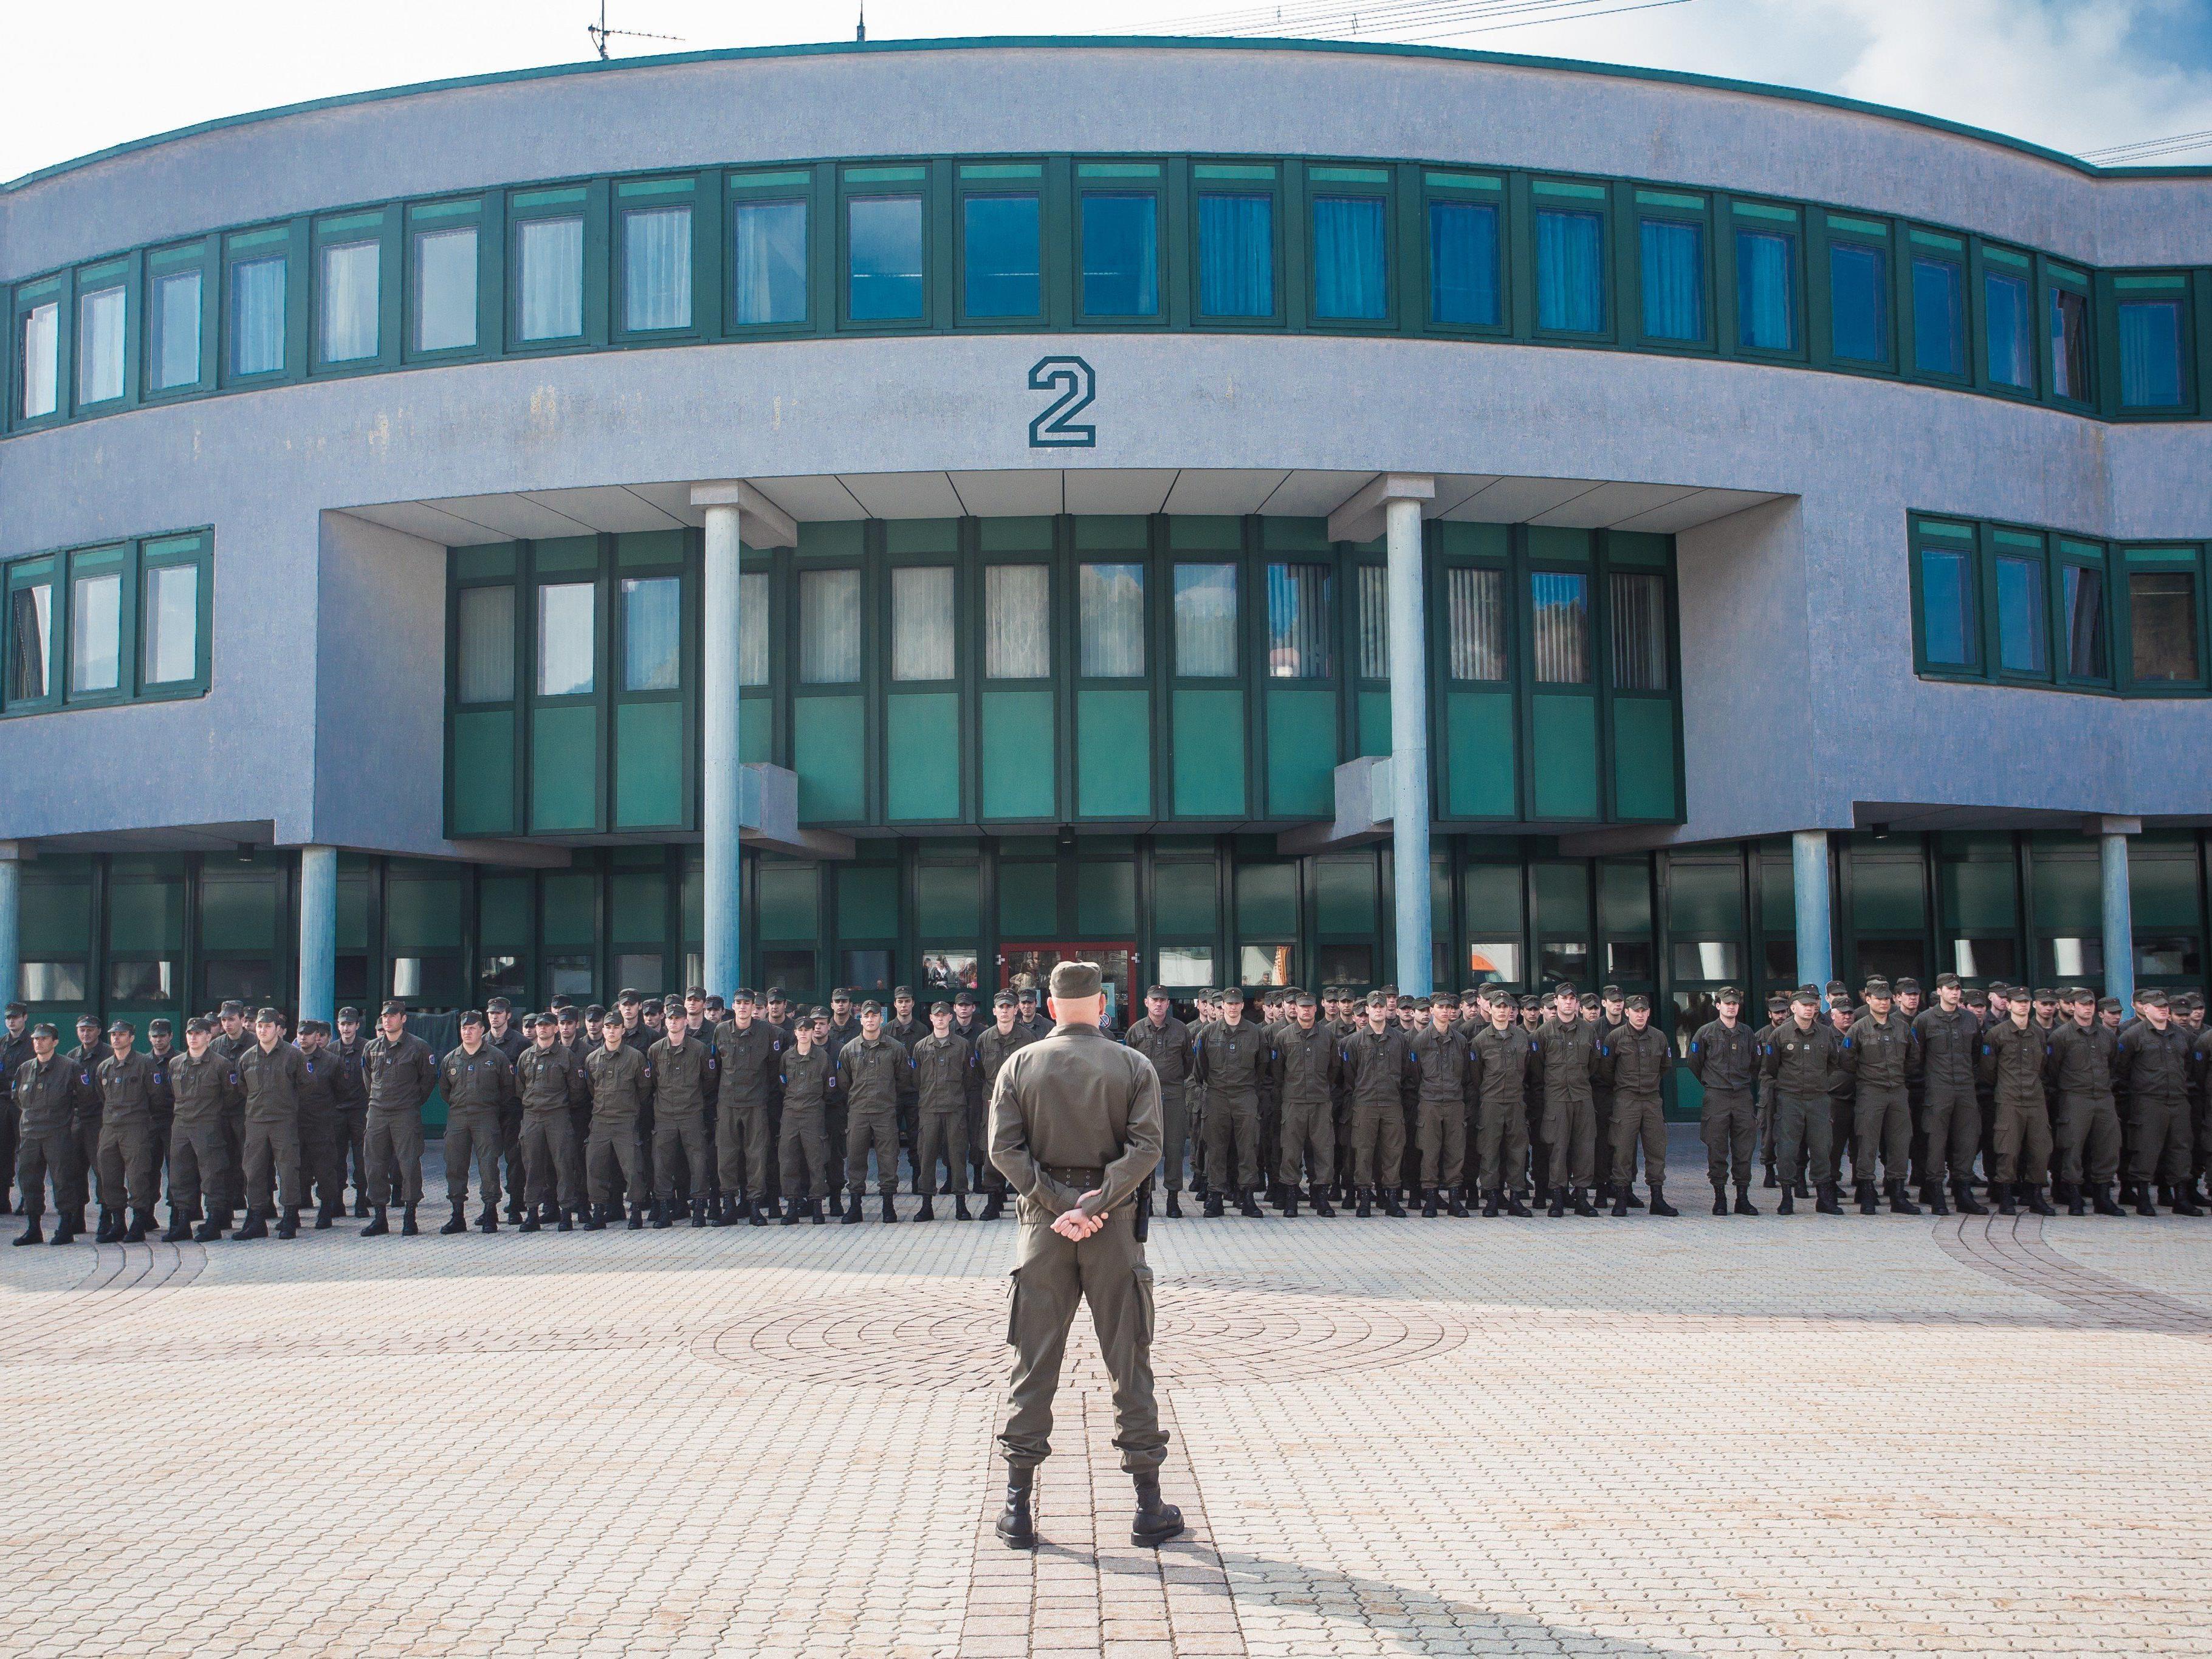 """Die Bundesheer-Kaserne in Bludesch - ein """"Sauhaufen""""?"""